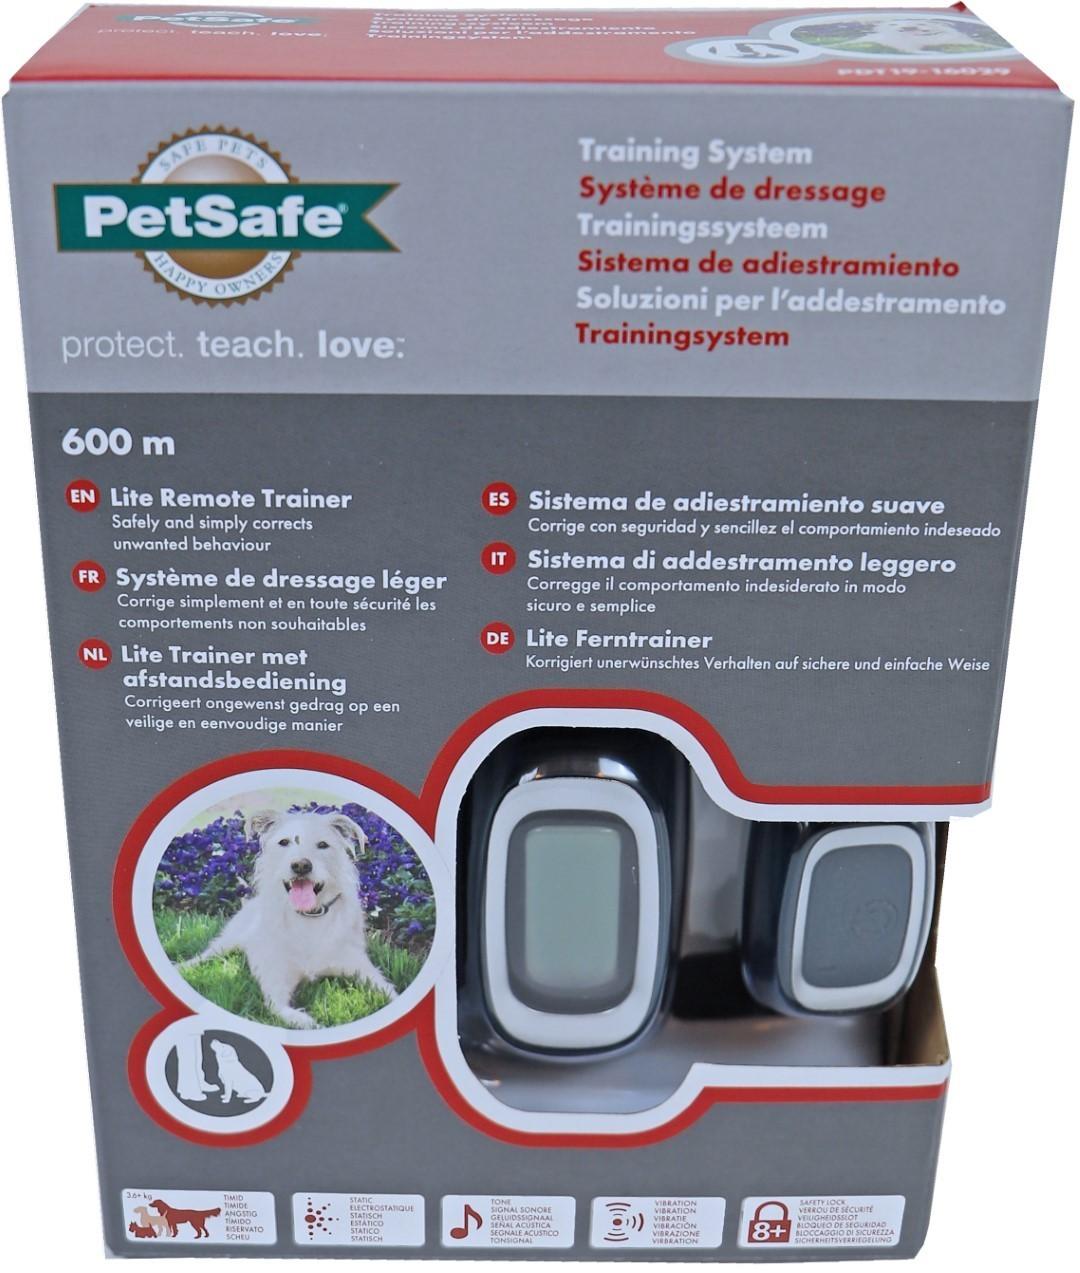 PetSafe digitale lite trainer 600 meter PDT19-16029